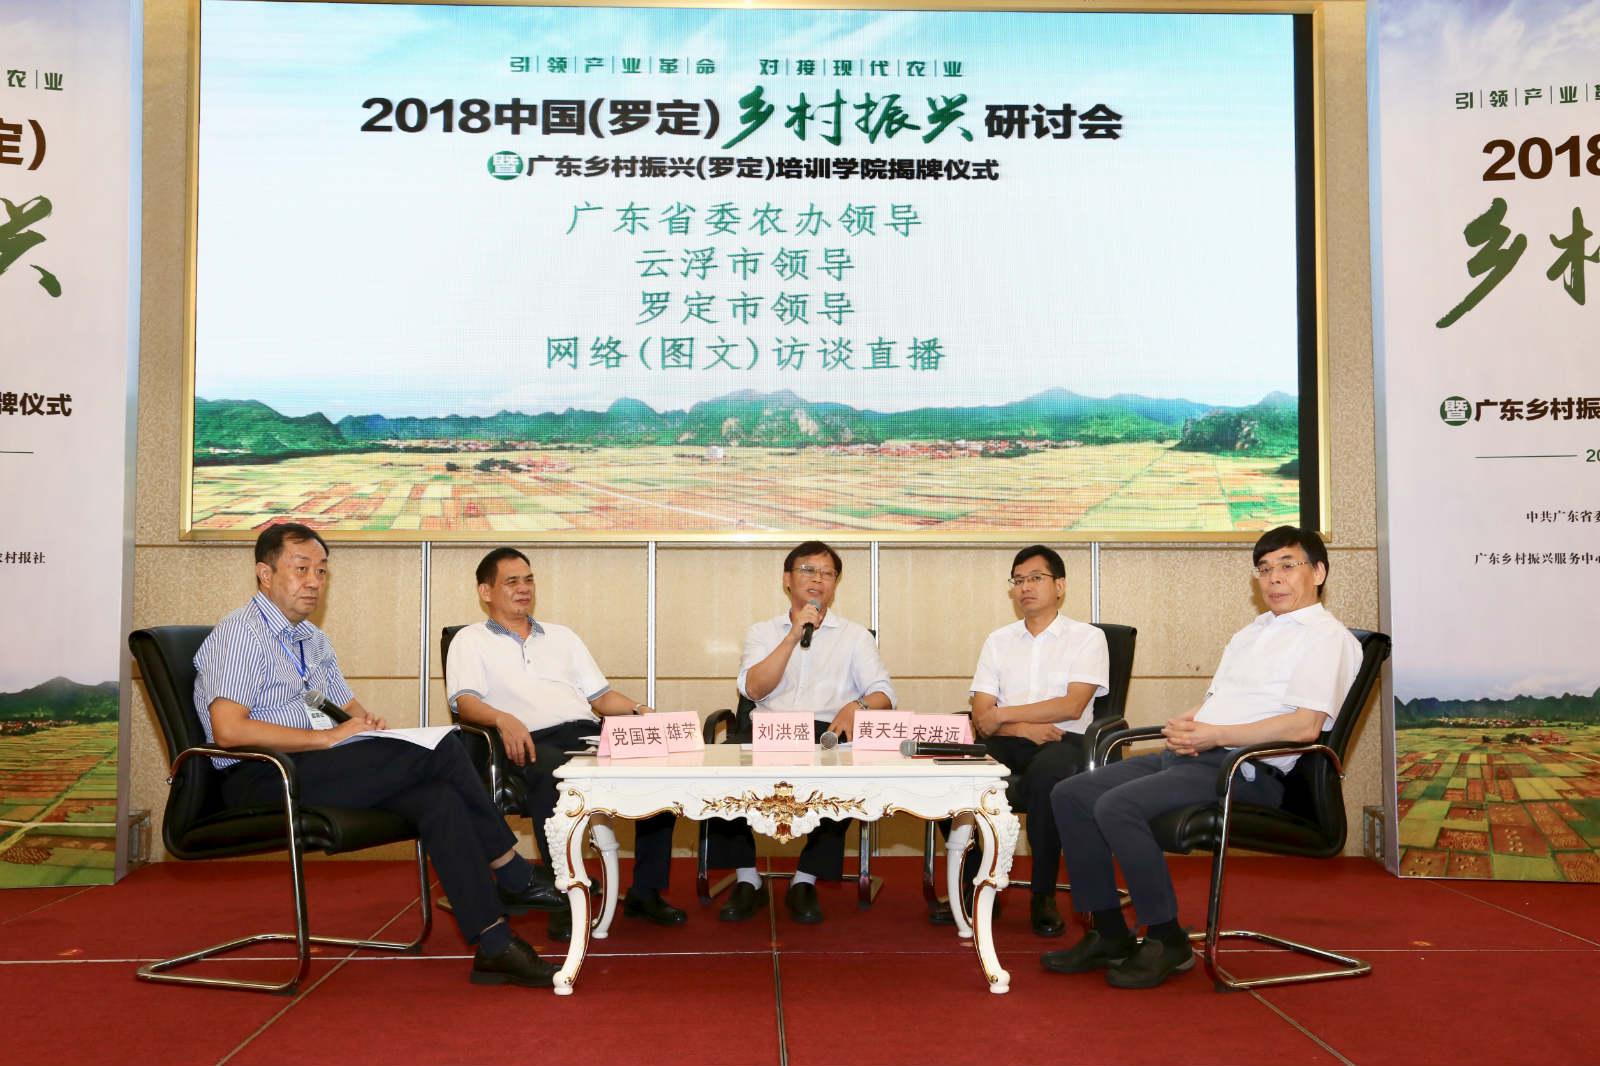 专家官员高端对话:产业振兴的落脚点在农民增收